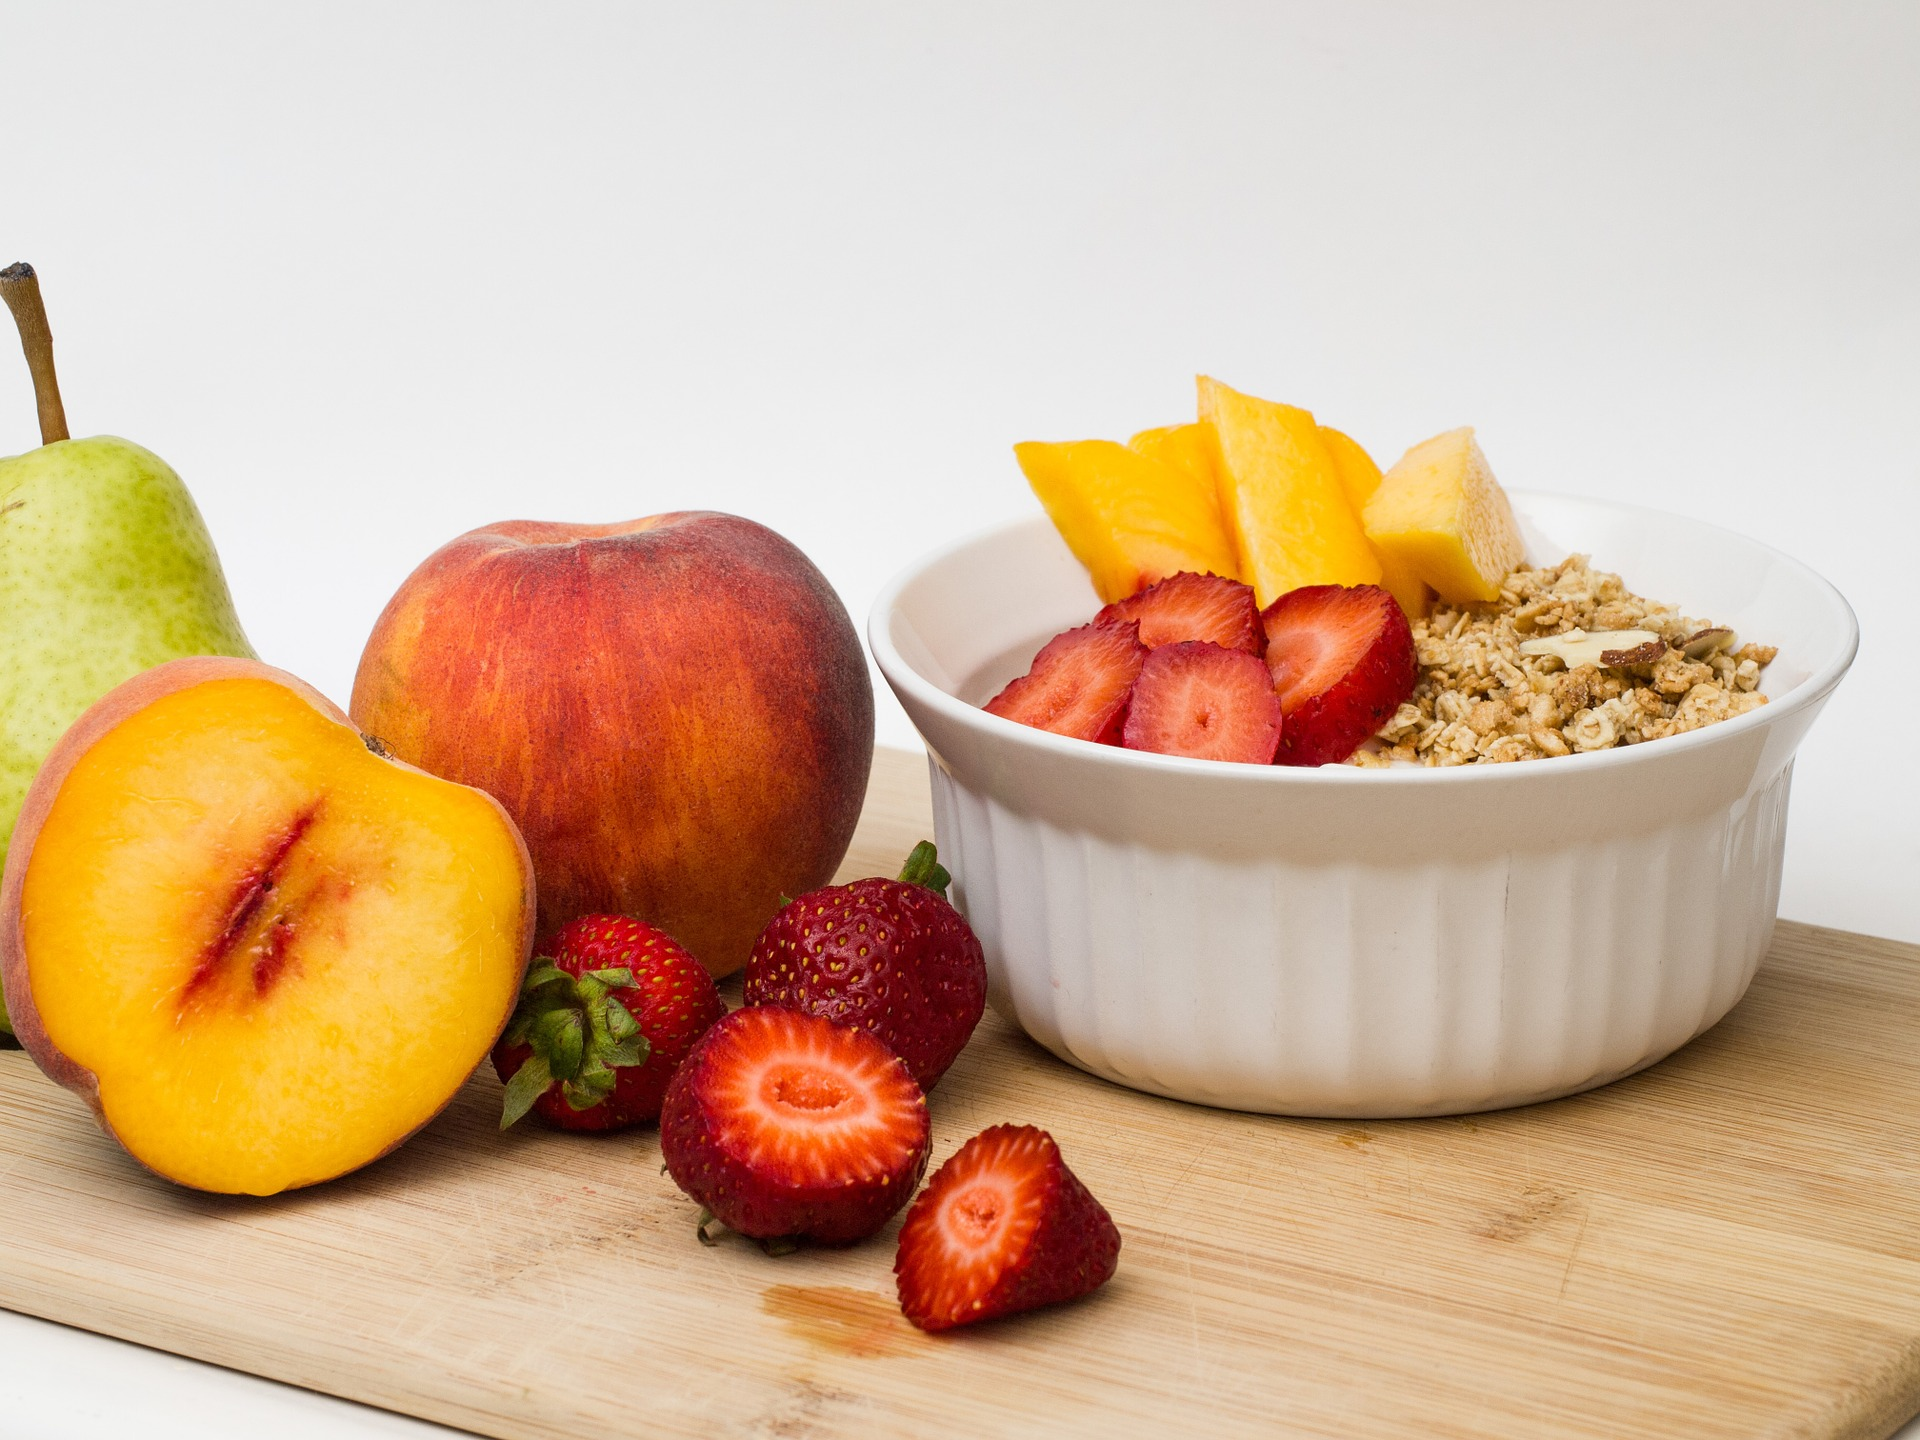 Un yogur aporta vitamina C, calcio y proteínas (Pixabay)